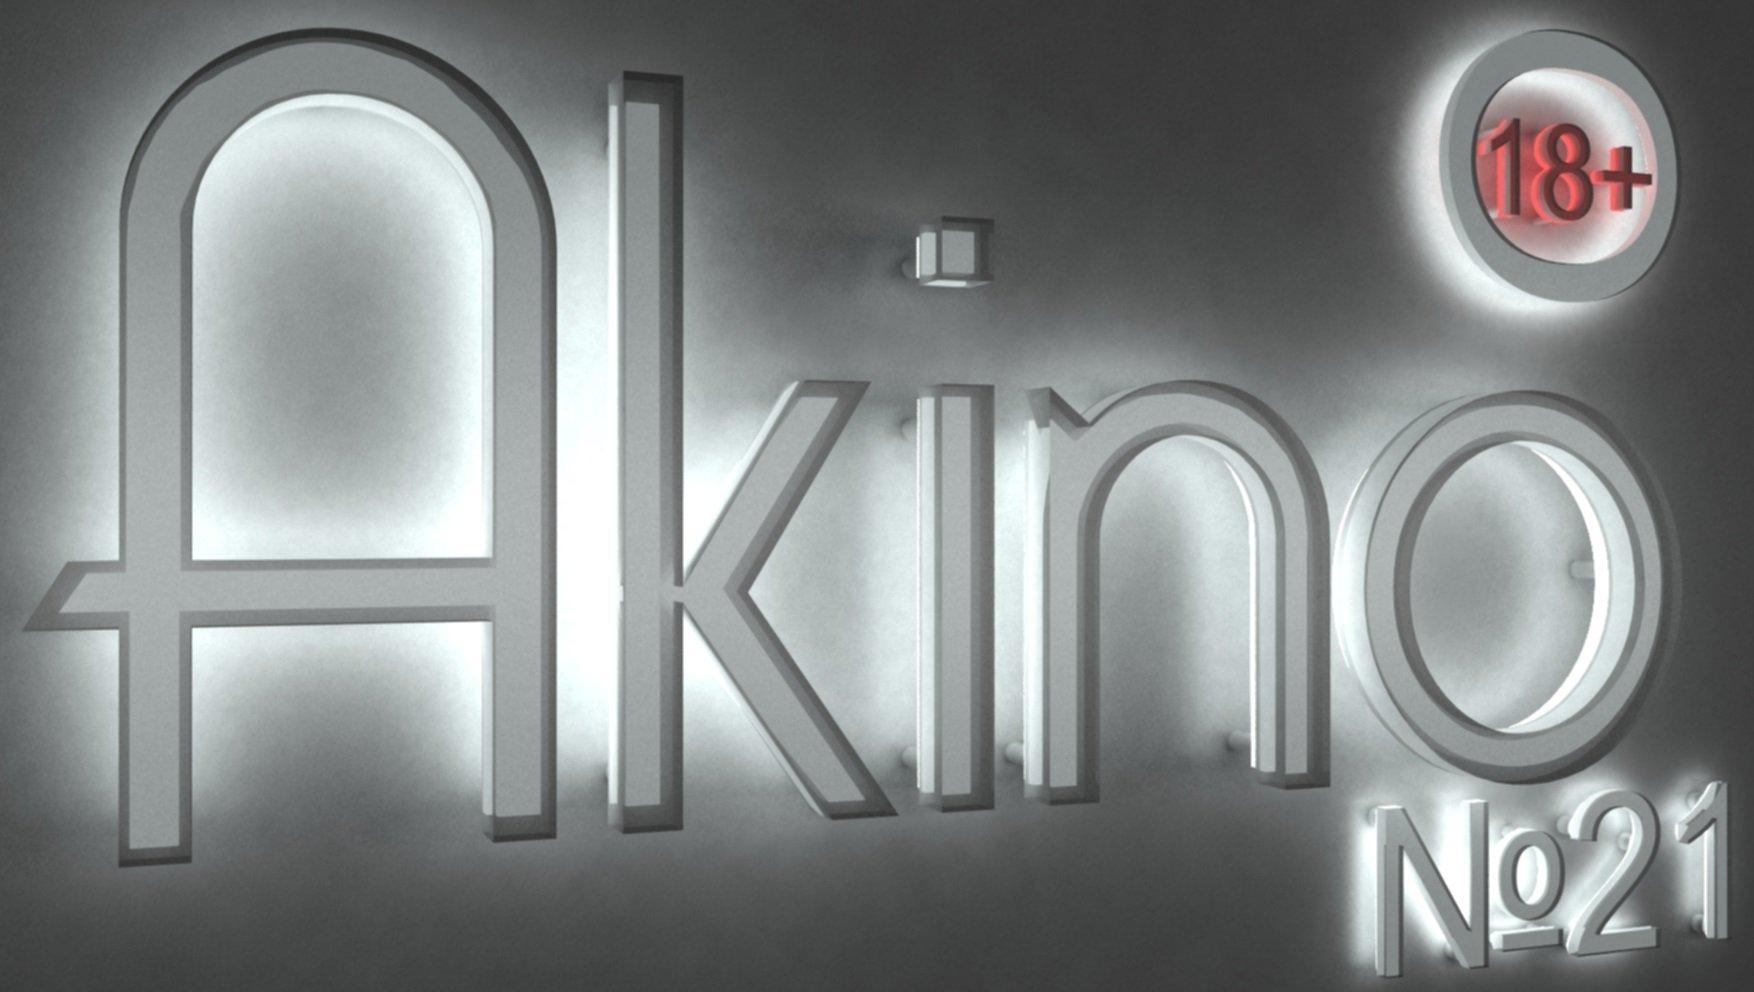 Подкаст AkiNO Выпуск № 21 (18+) - Изображение 1